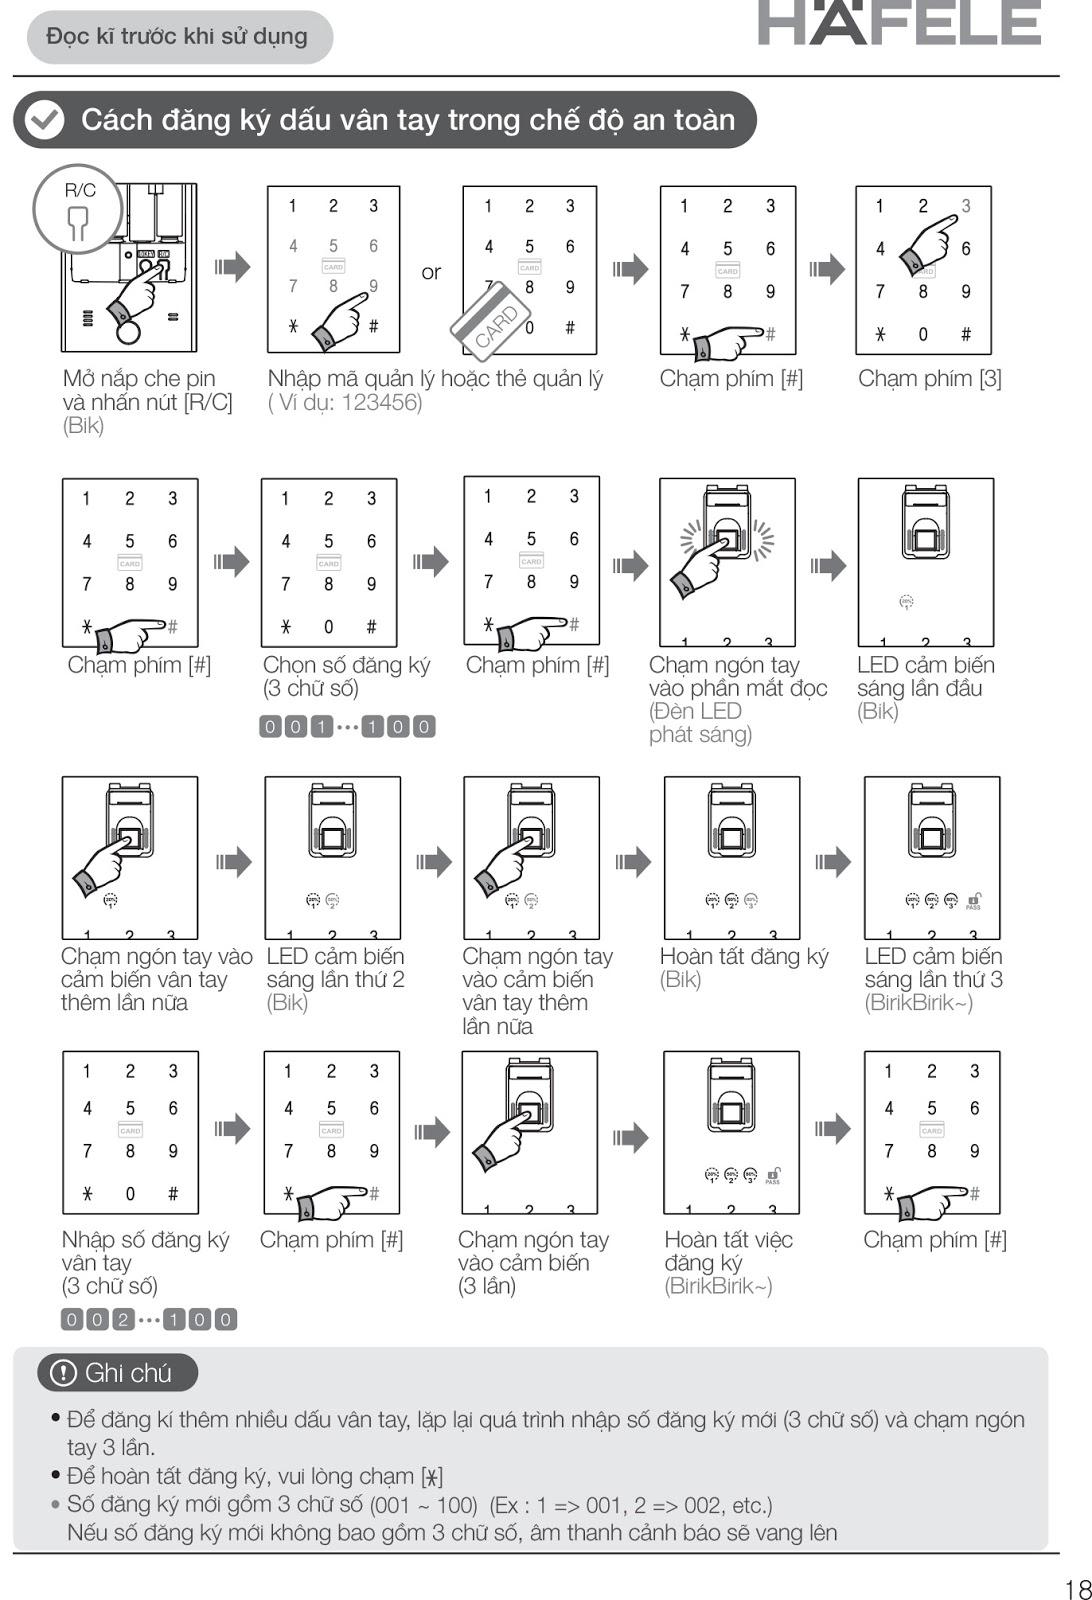 [TASECO GROUP] Hướng dẫn cách sử dụng khóa cửa chính Hafele